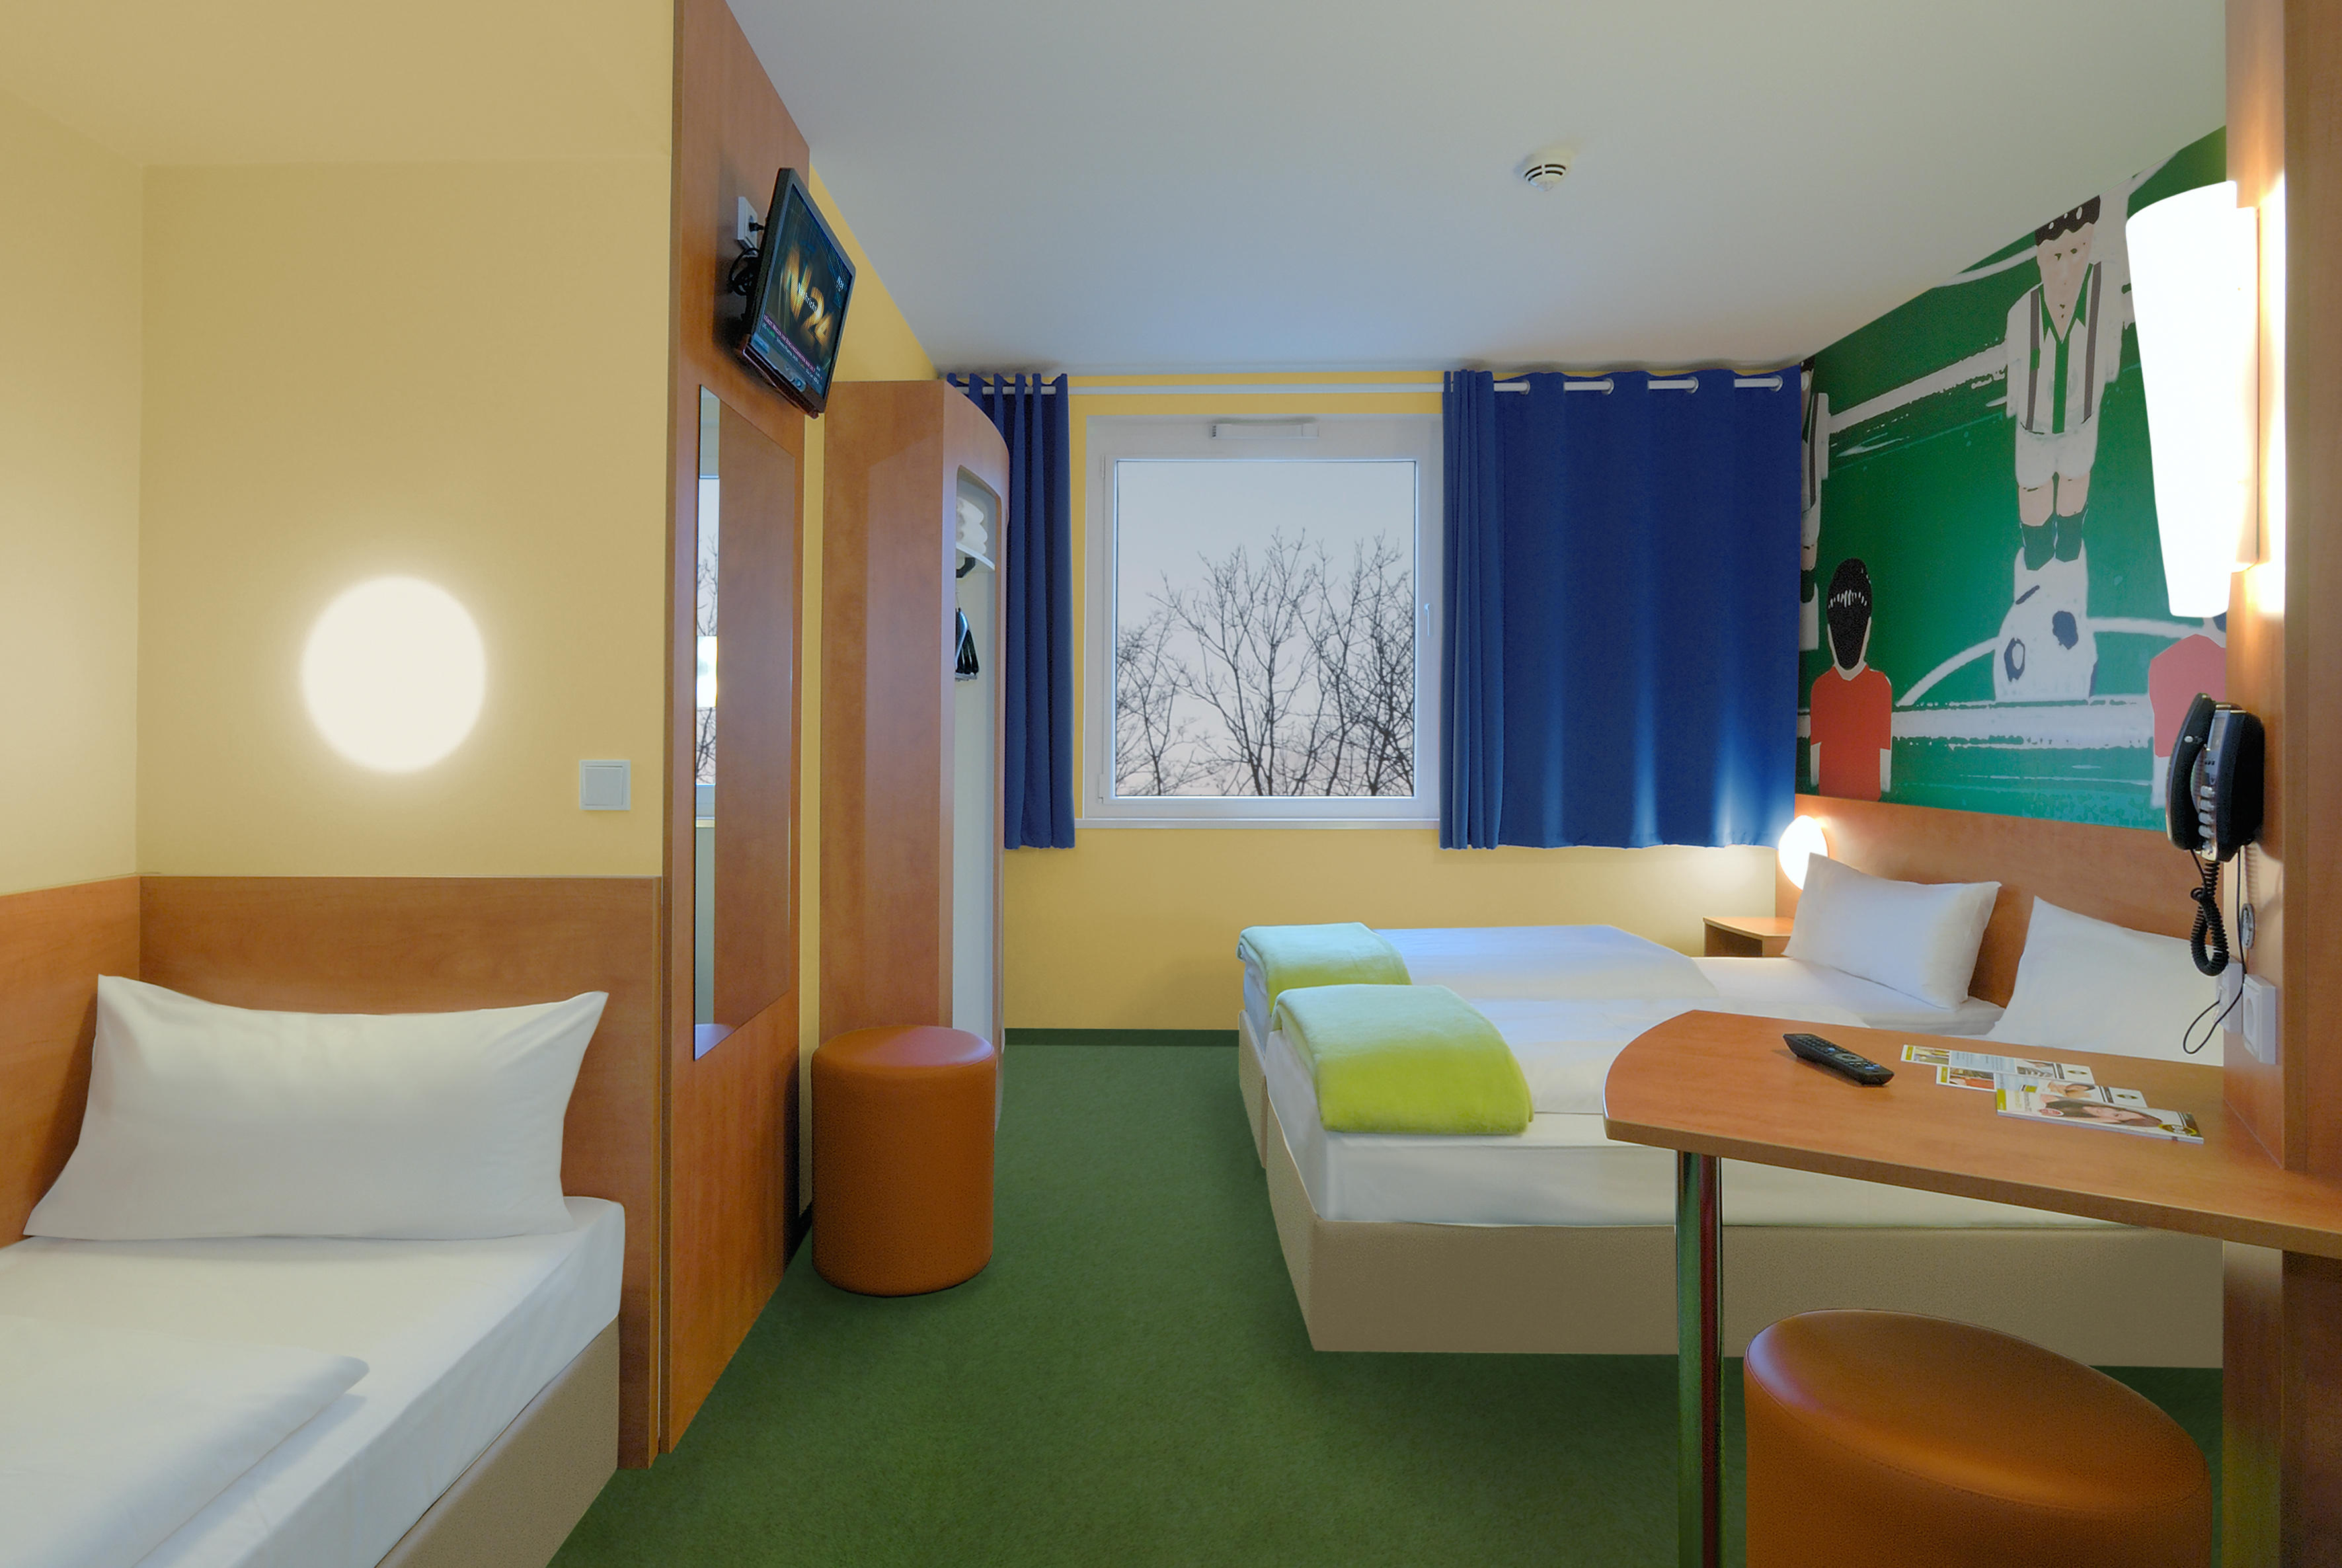 b & b hotel mönchengladbach